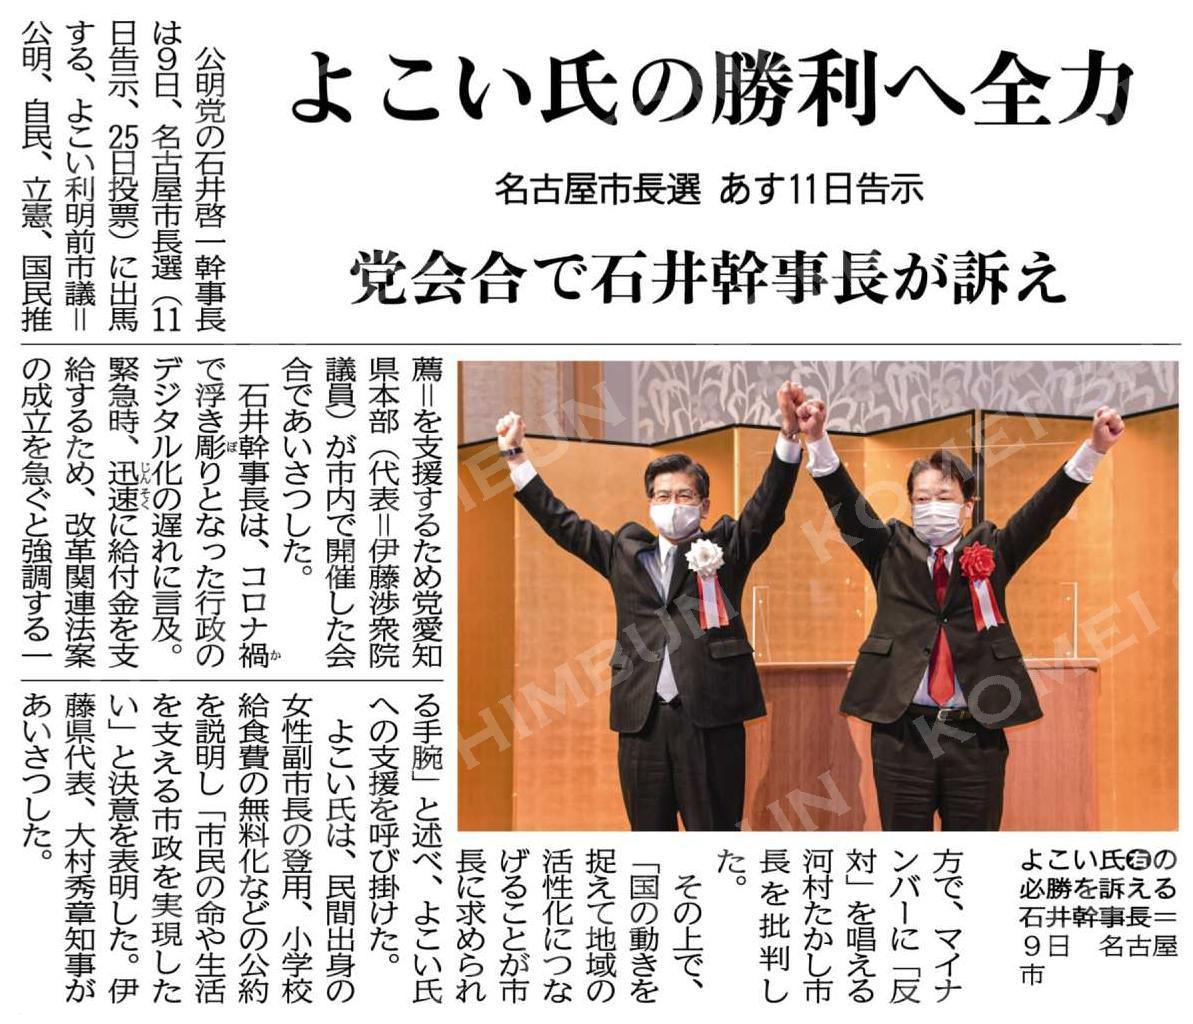 よこい氏の勝利へ全力/党会合で石井幹事長が訴え/名古屋市長選 あす11日告示